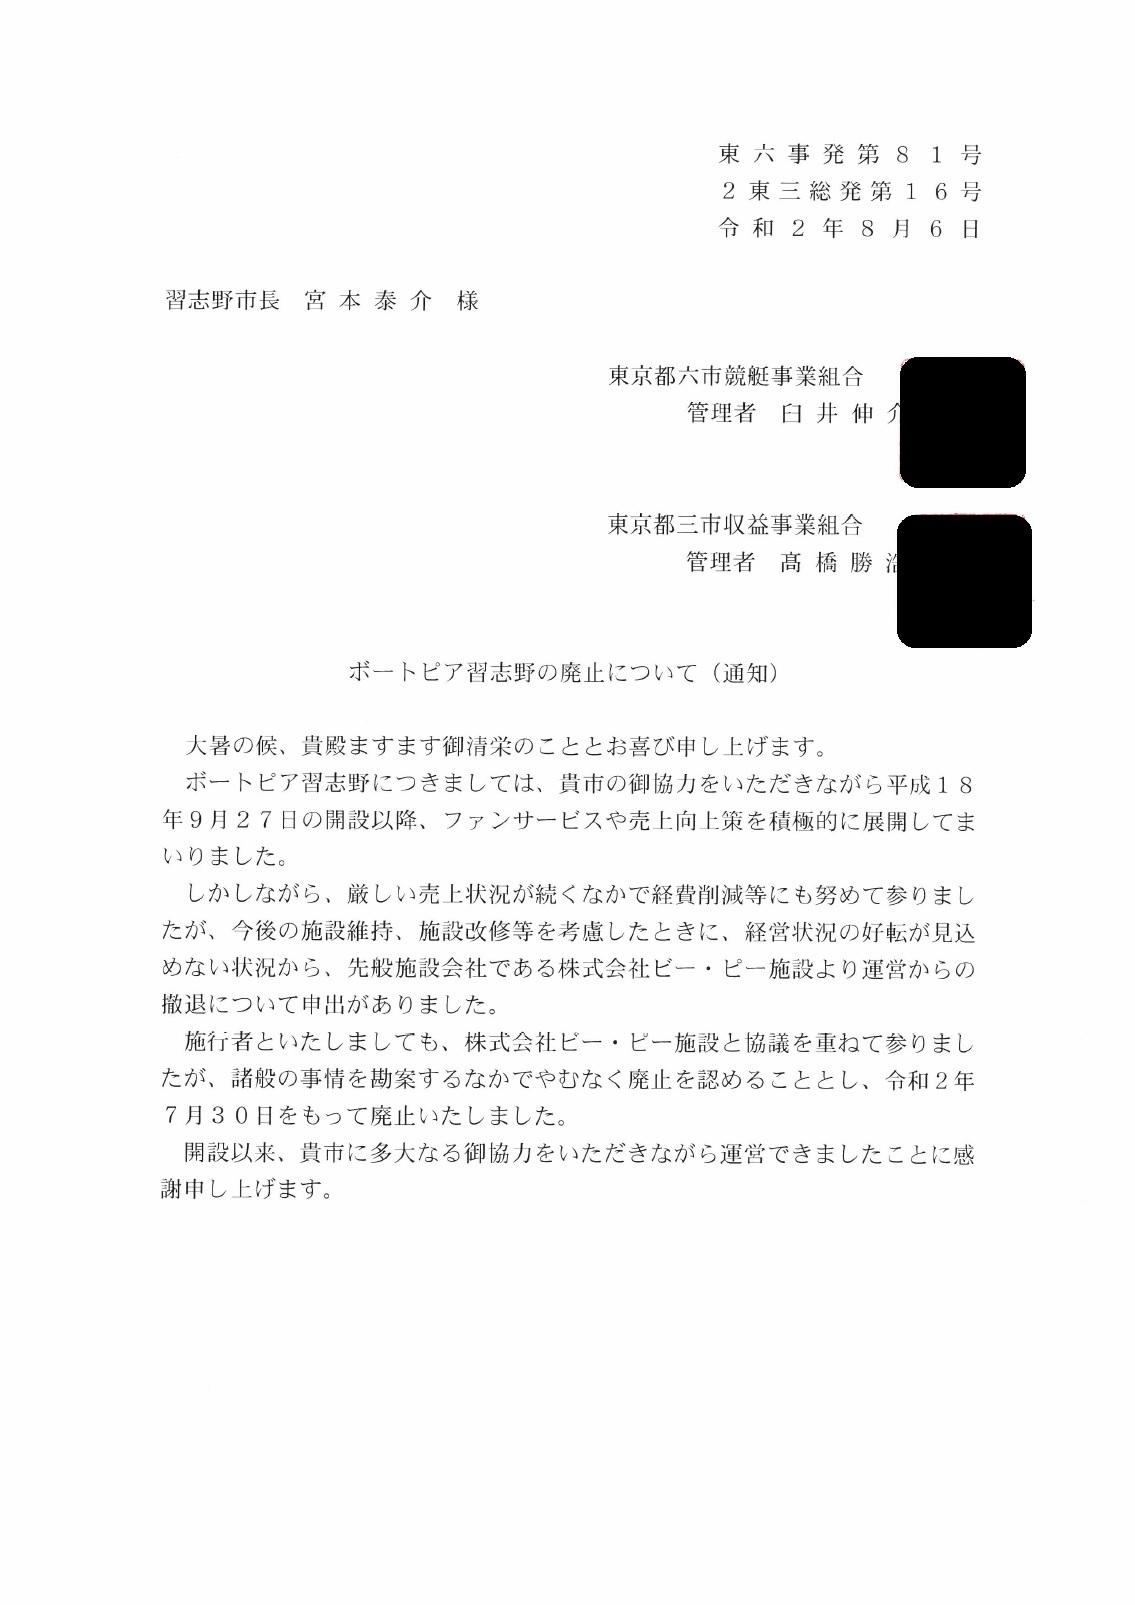 「ボートピア習志野の廃止について」の通知_c0236527_12483840.jpg